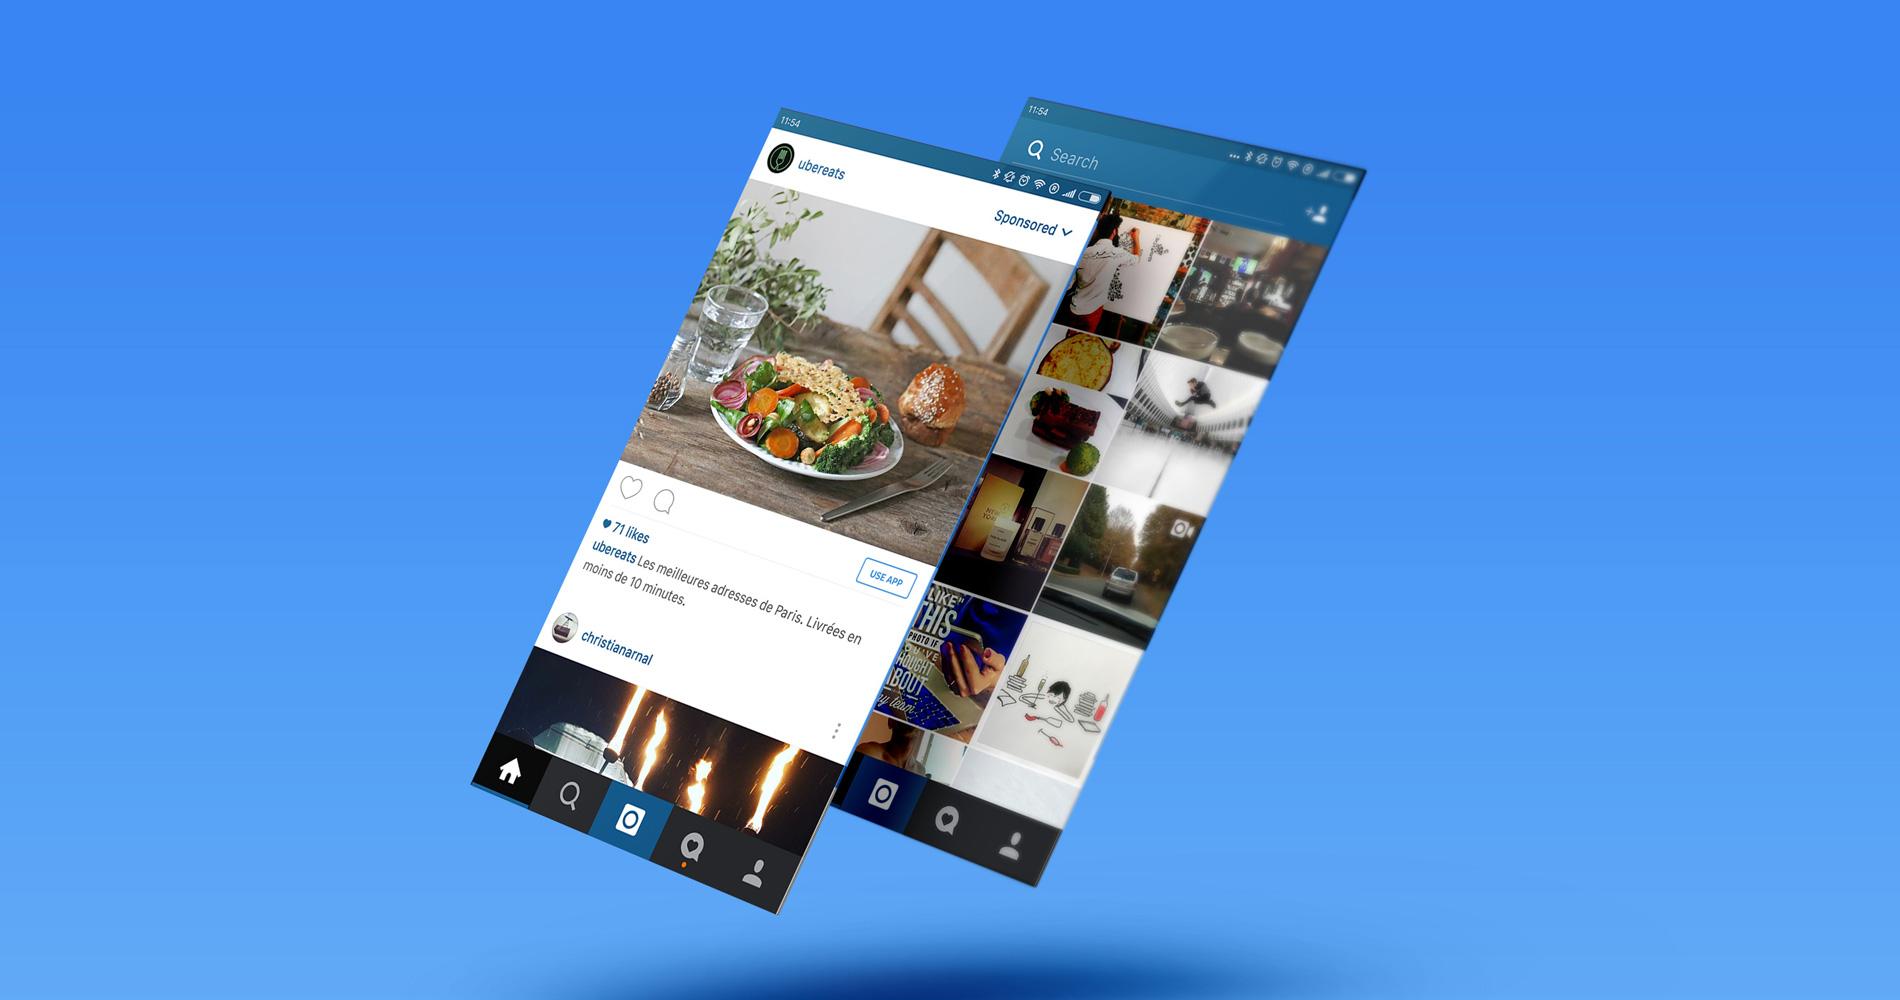 L'algorithme qui choisira les posts Instagram est déployé : qu'est ce que ça change ?